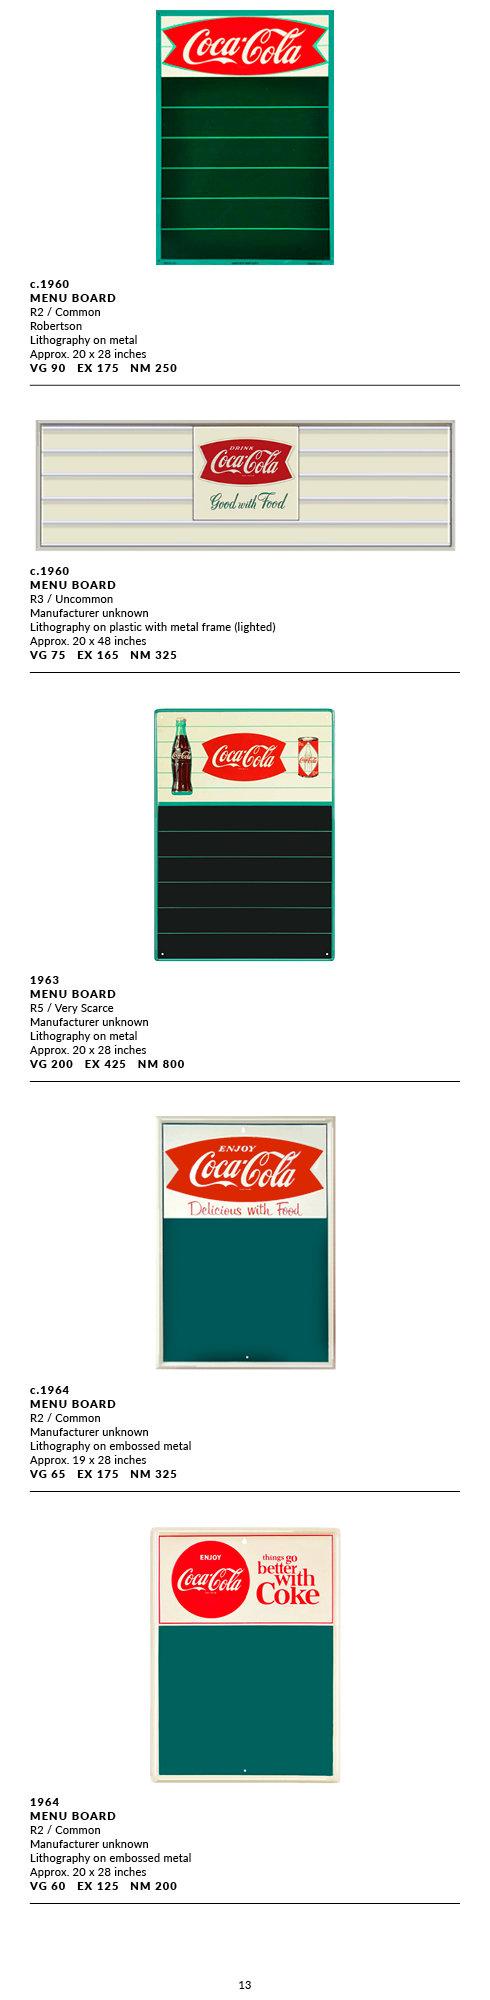 Menu Boards13.jpg